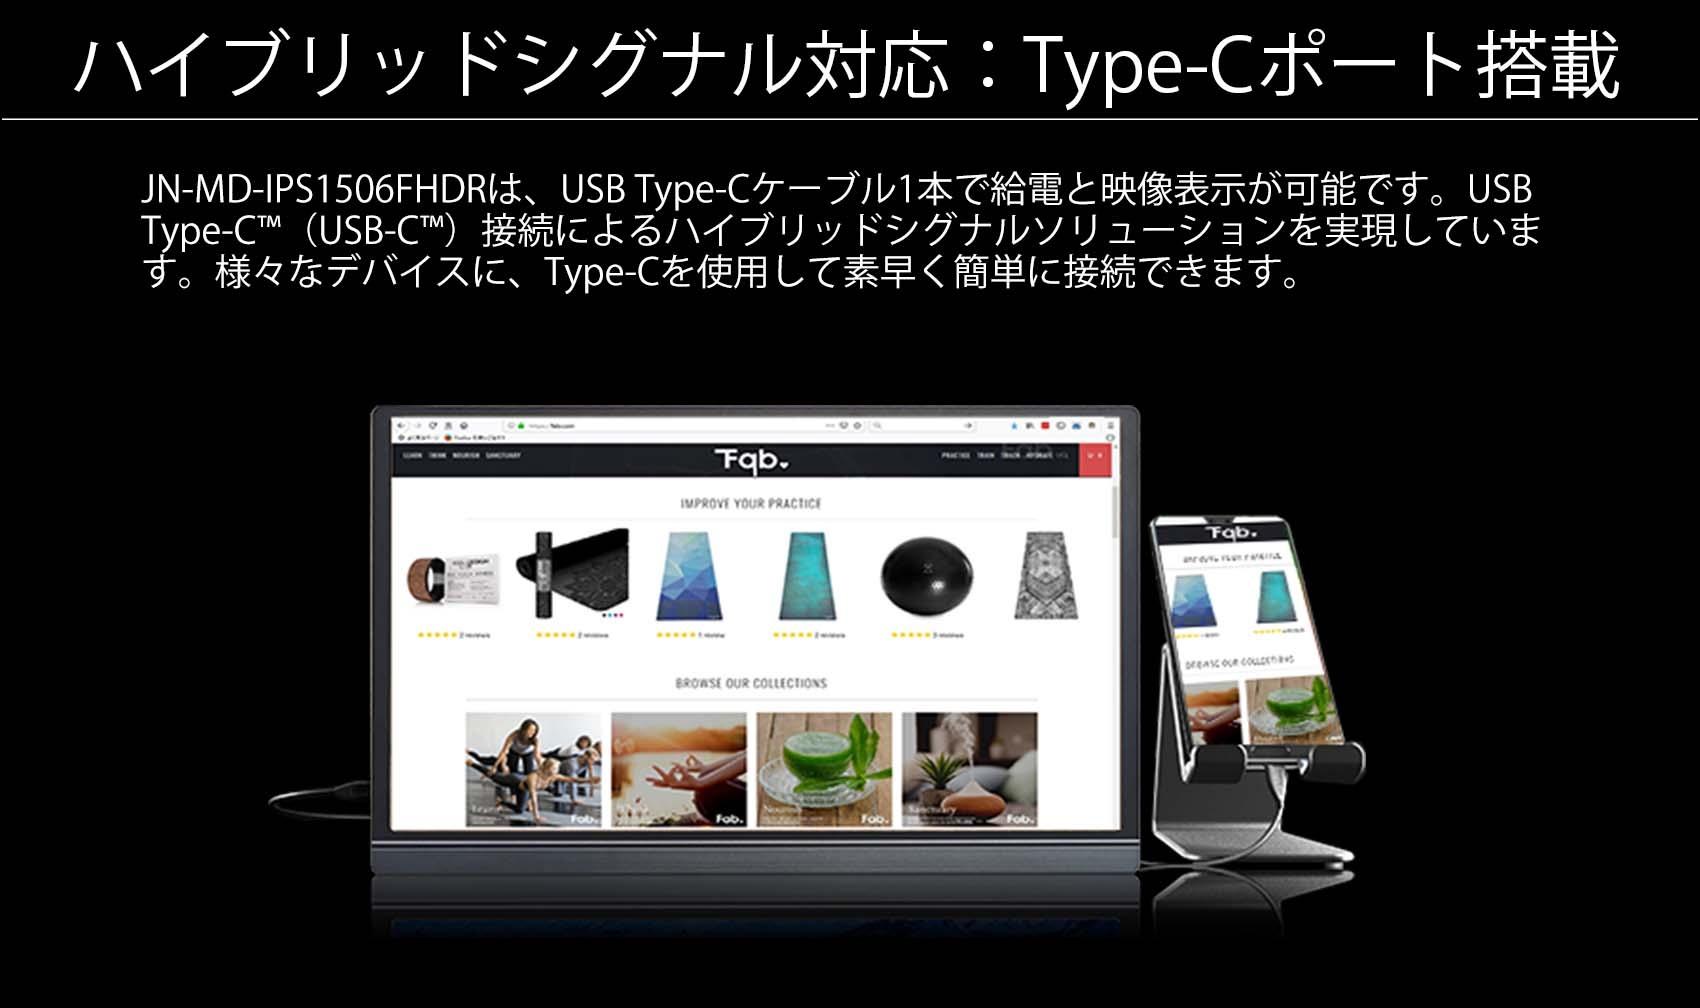 ハイブリッドシグナル対応:Type-Cポート搭載 JN-MD-IPS1506FHDRは、USB Type-Cケーブル1本で給電と映像表示が可能です。USB Type-CM (USB-CTM) 接続によるハイブリッドシグナルソリューションを実現していま す。様々なデバイスに、Type-Cを使用して素早く簡単に接続できます。 ※ご使用の機器によっては、電源供給用のケーブルを必要とする場合もございます。